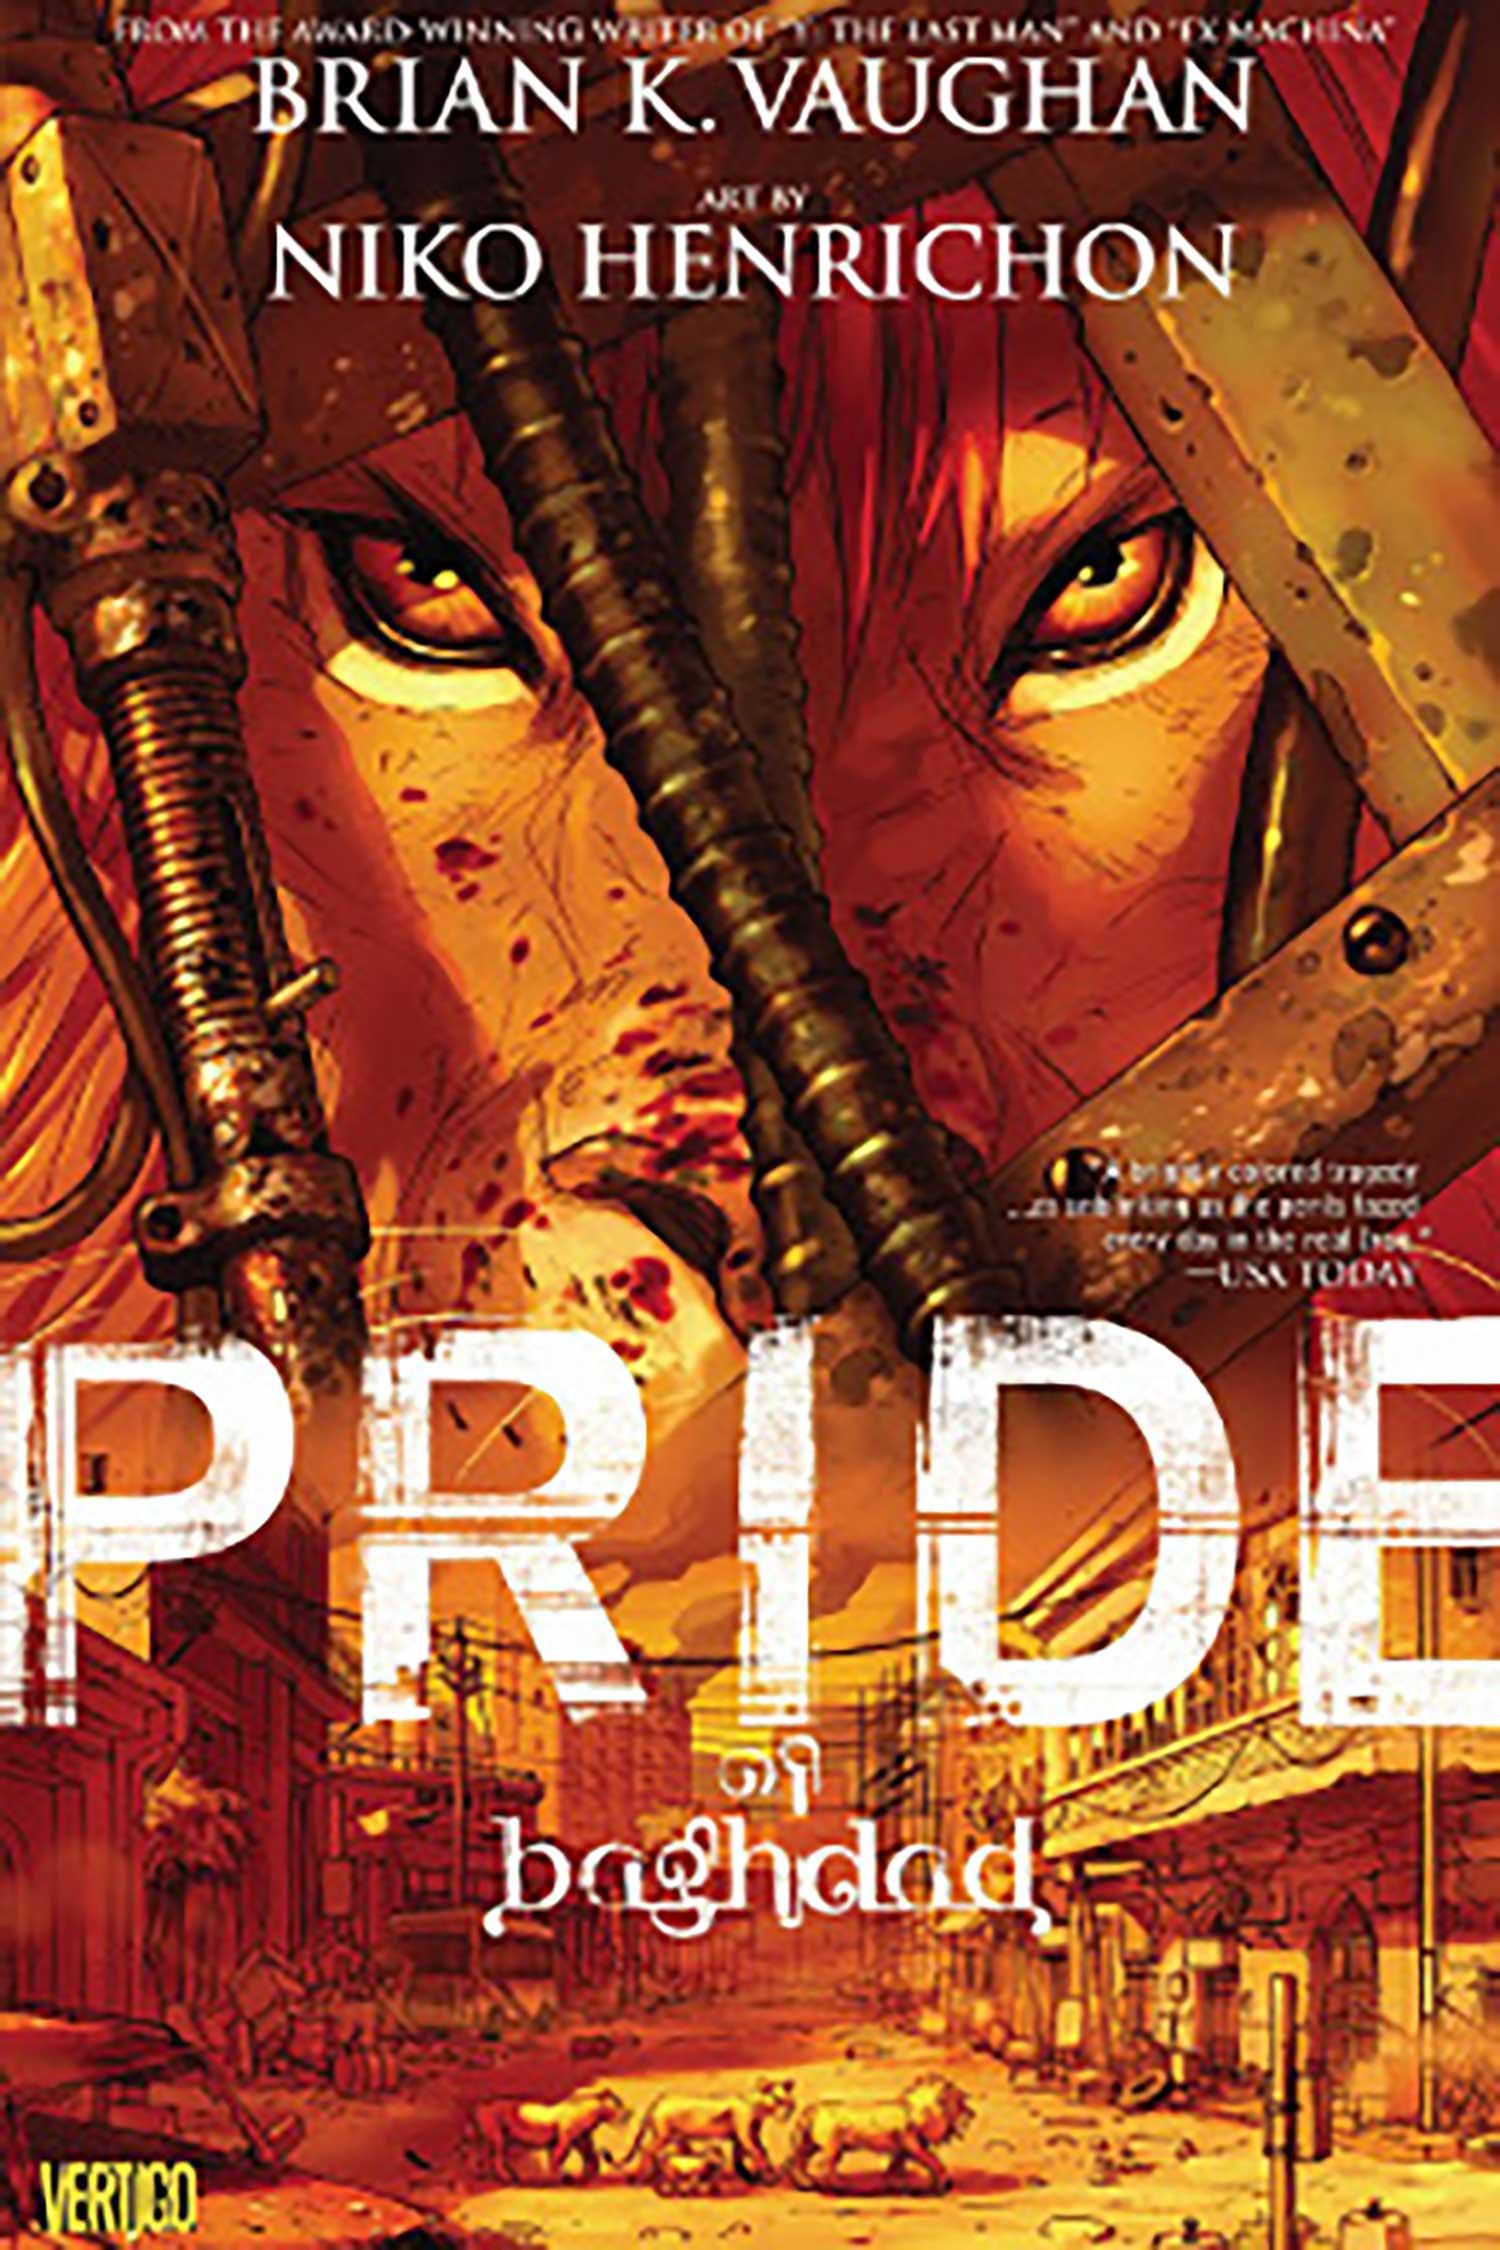 Pride-of-Baghdad-6.jpg